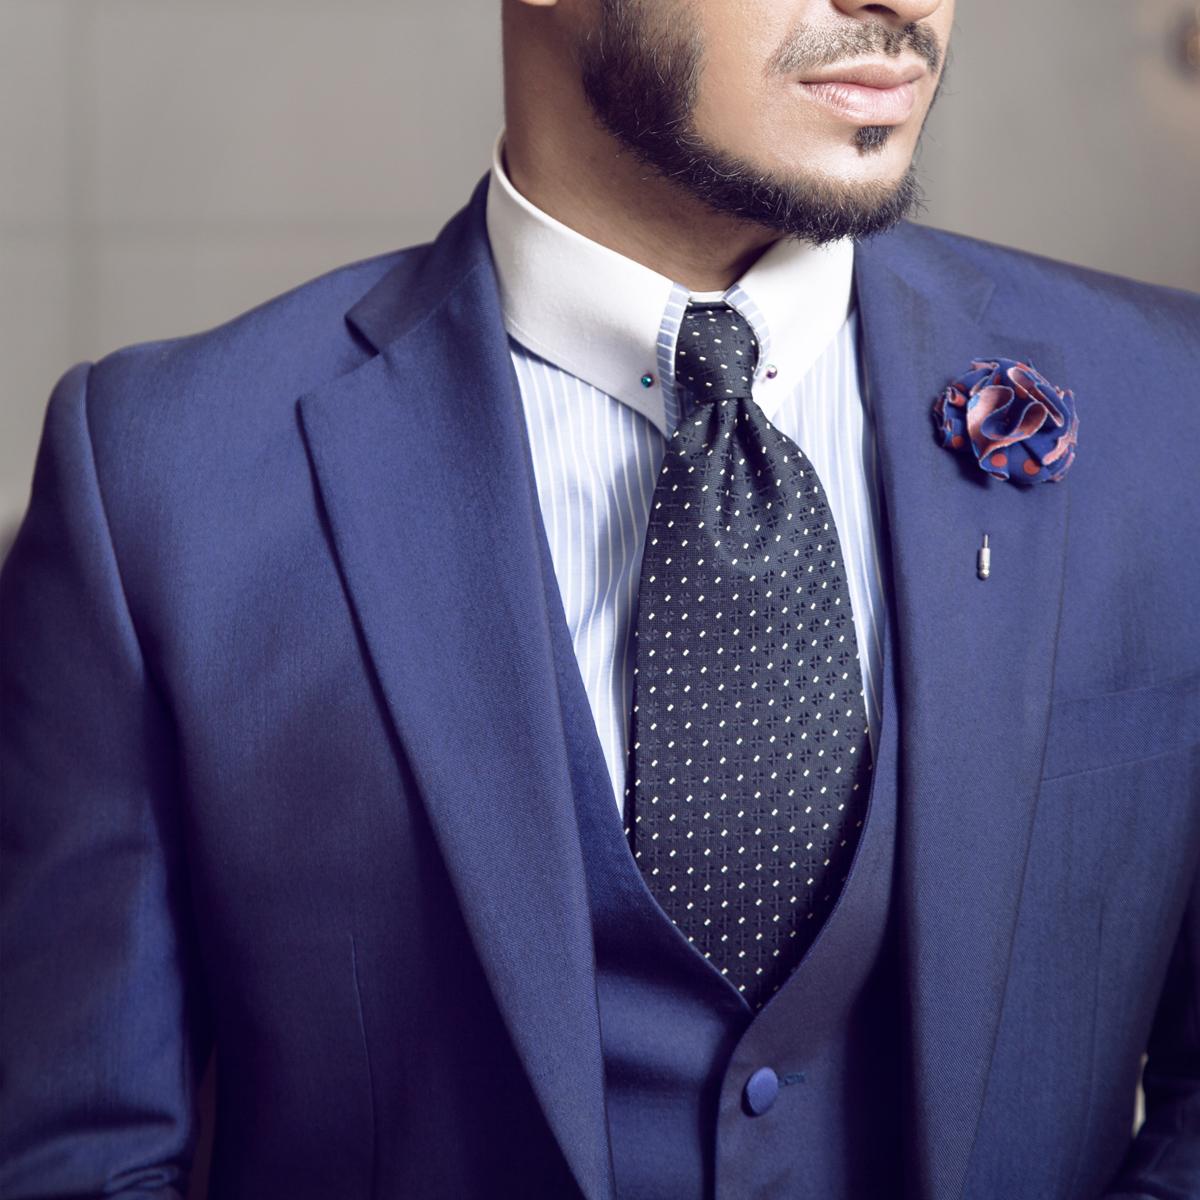 Houseofcuff Cufllinks Cufflinks Manset Untuk Kemeja French Cuff 133 Slimfit Frenchcuff Shirt Model Light Grey Formalwear